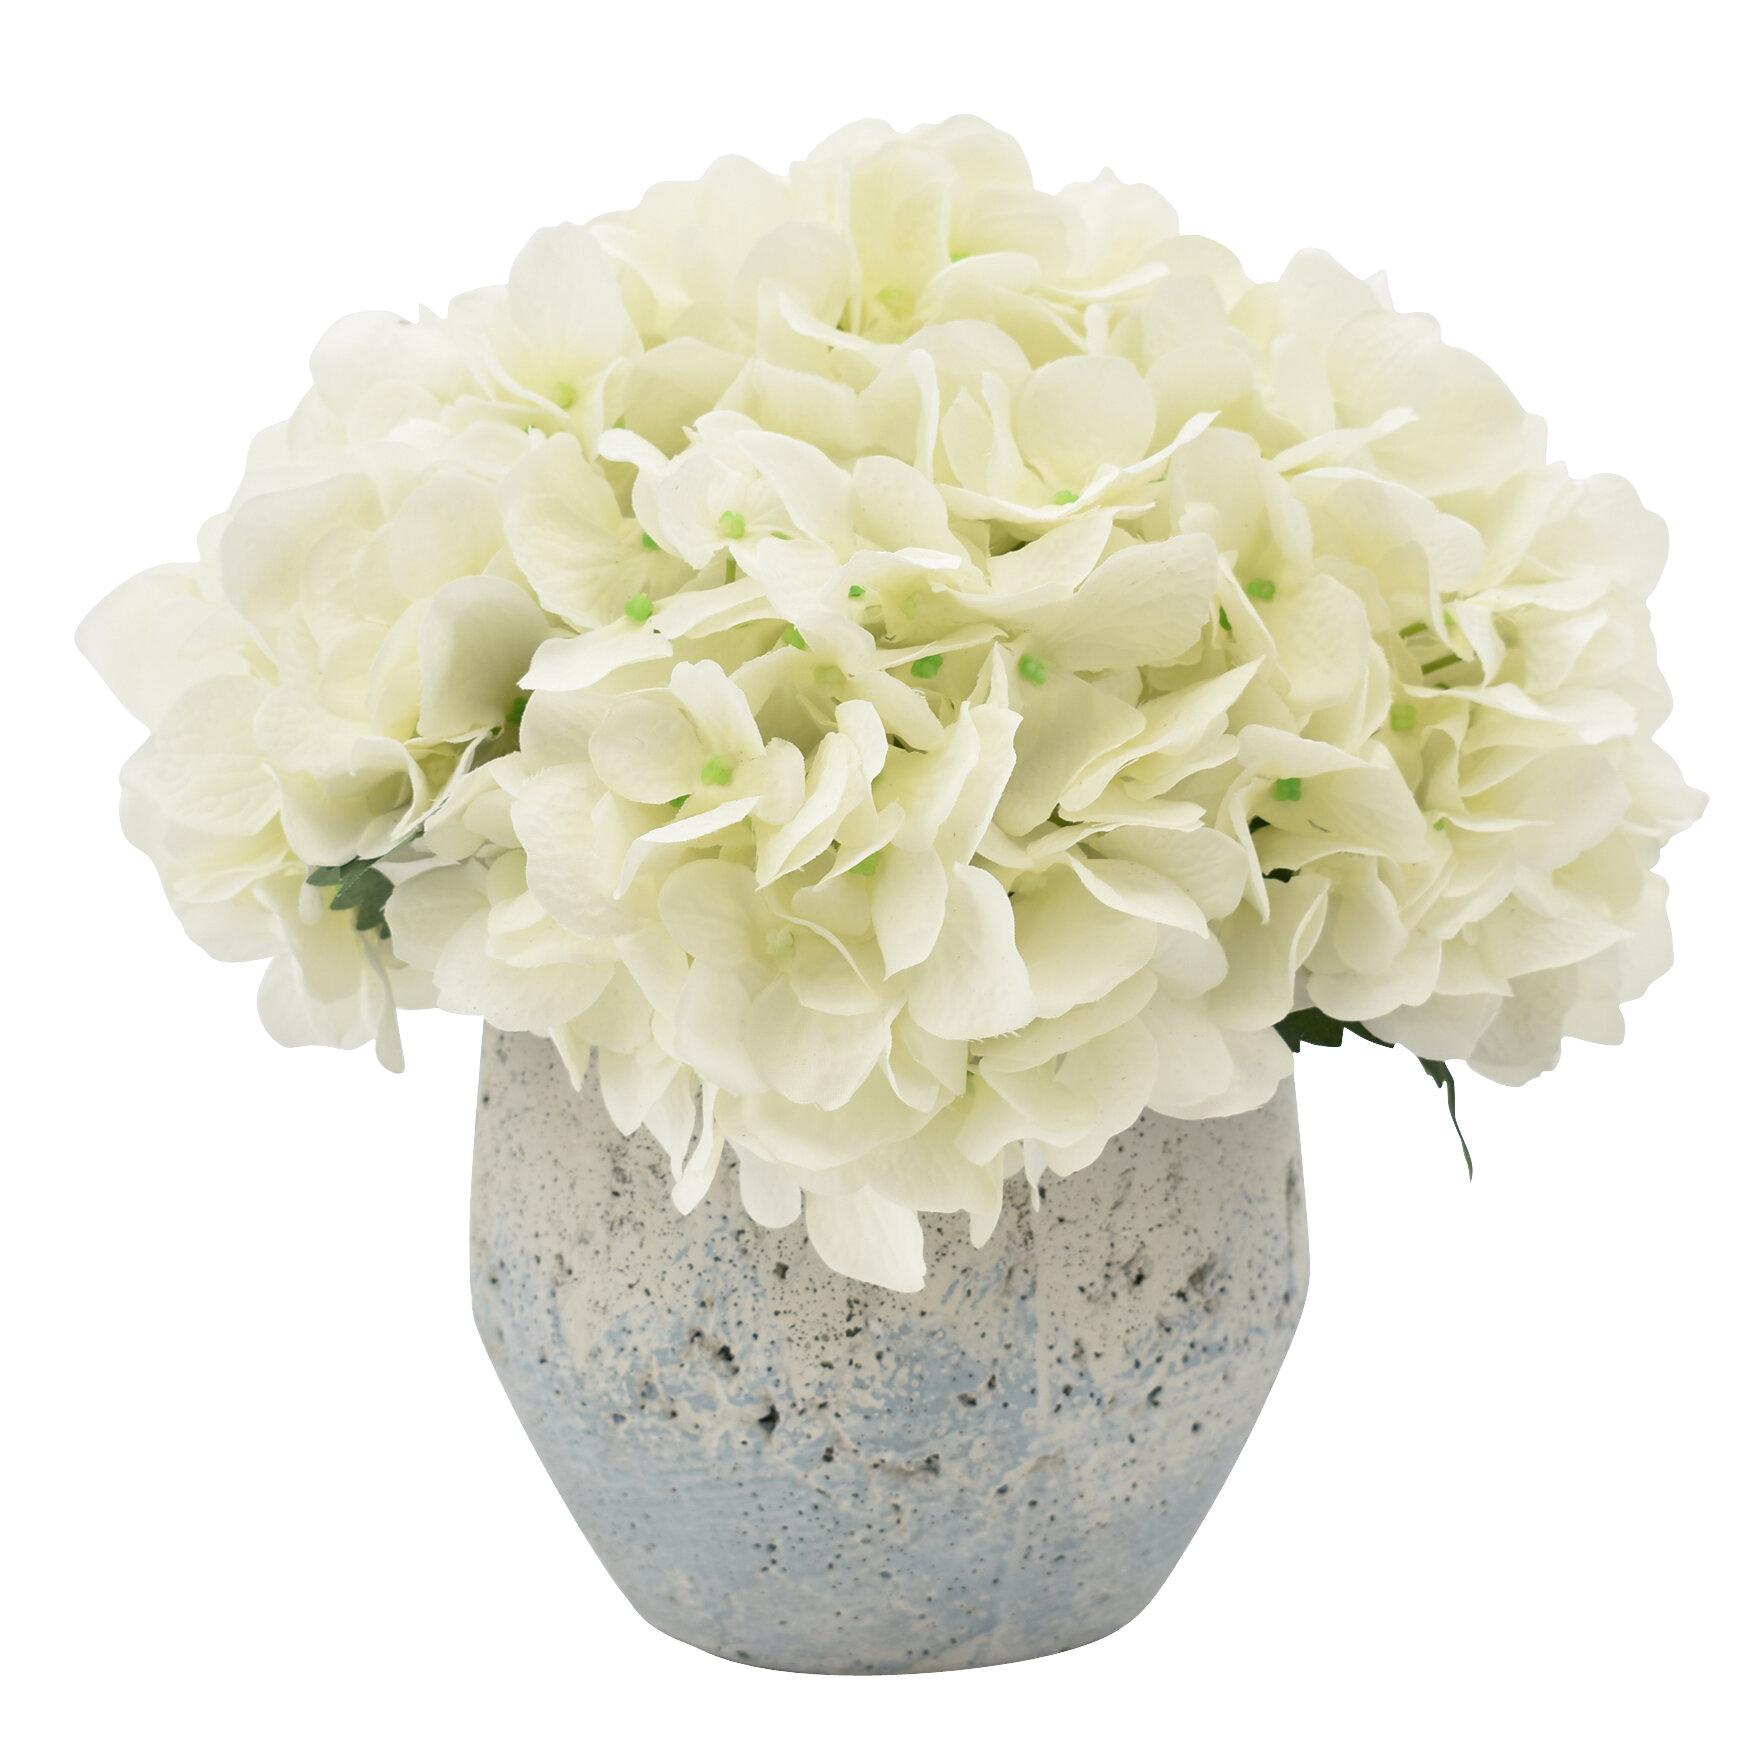 Rosecliff Heights Hydrangeas Floral Arrangement In Pot Reviews Wayfair